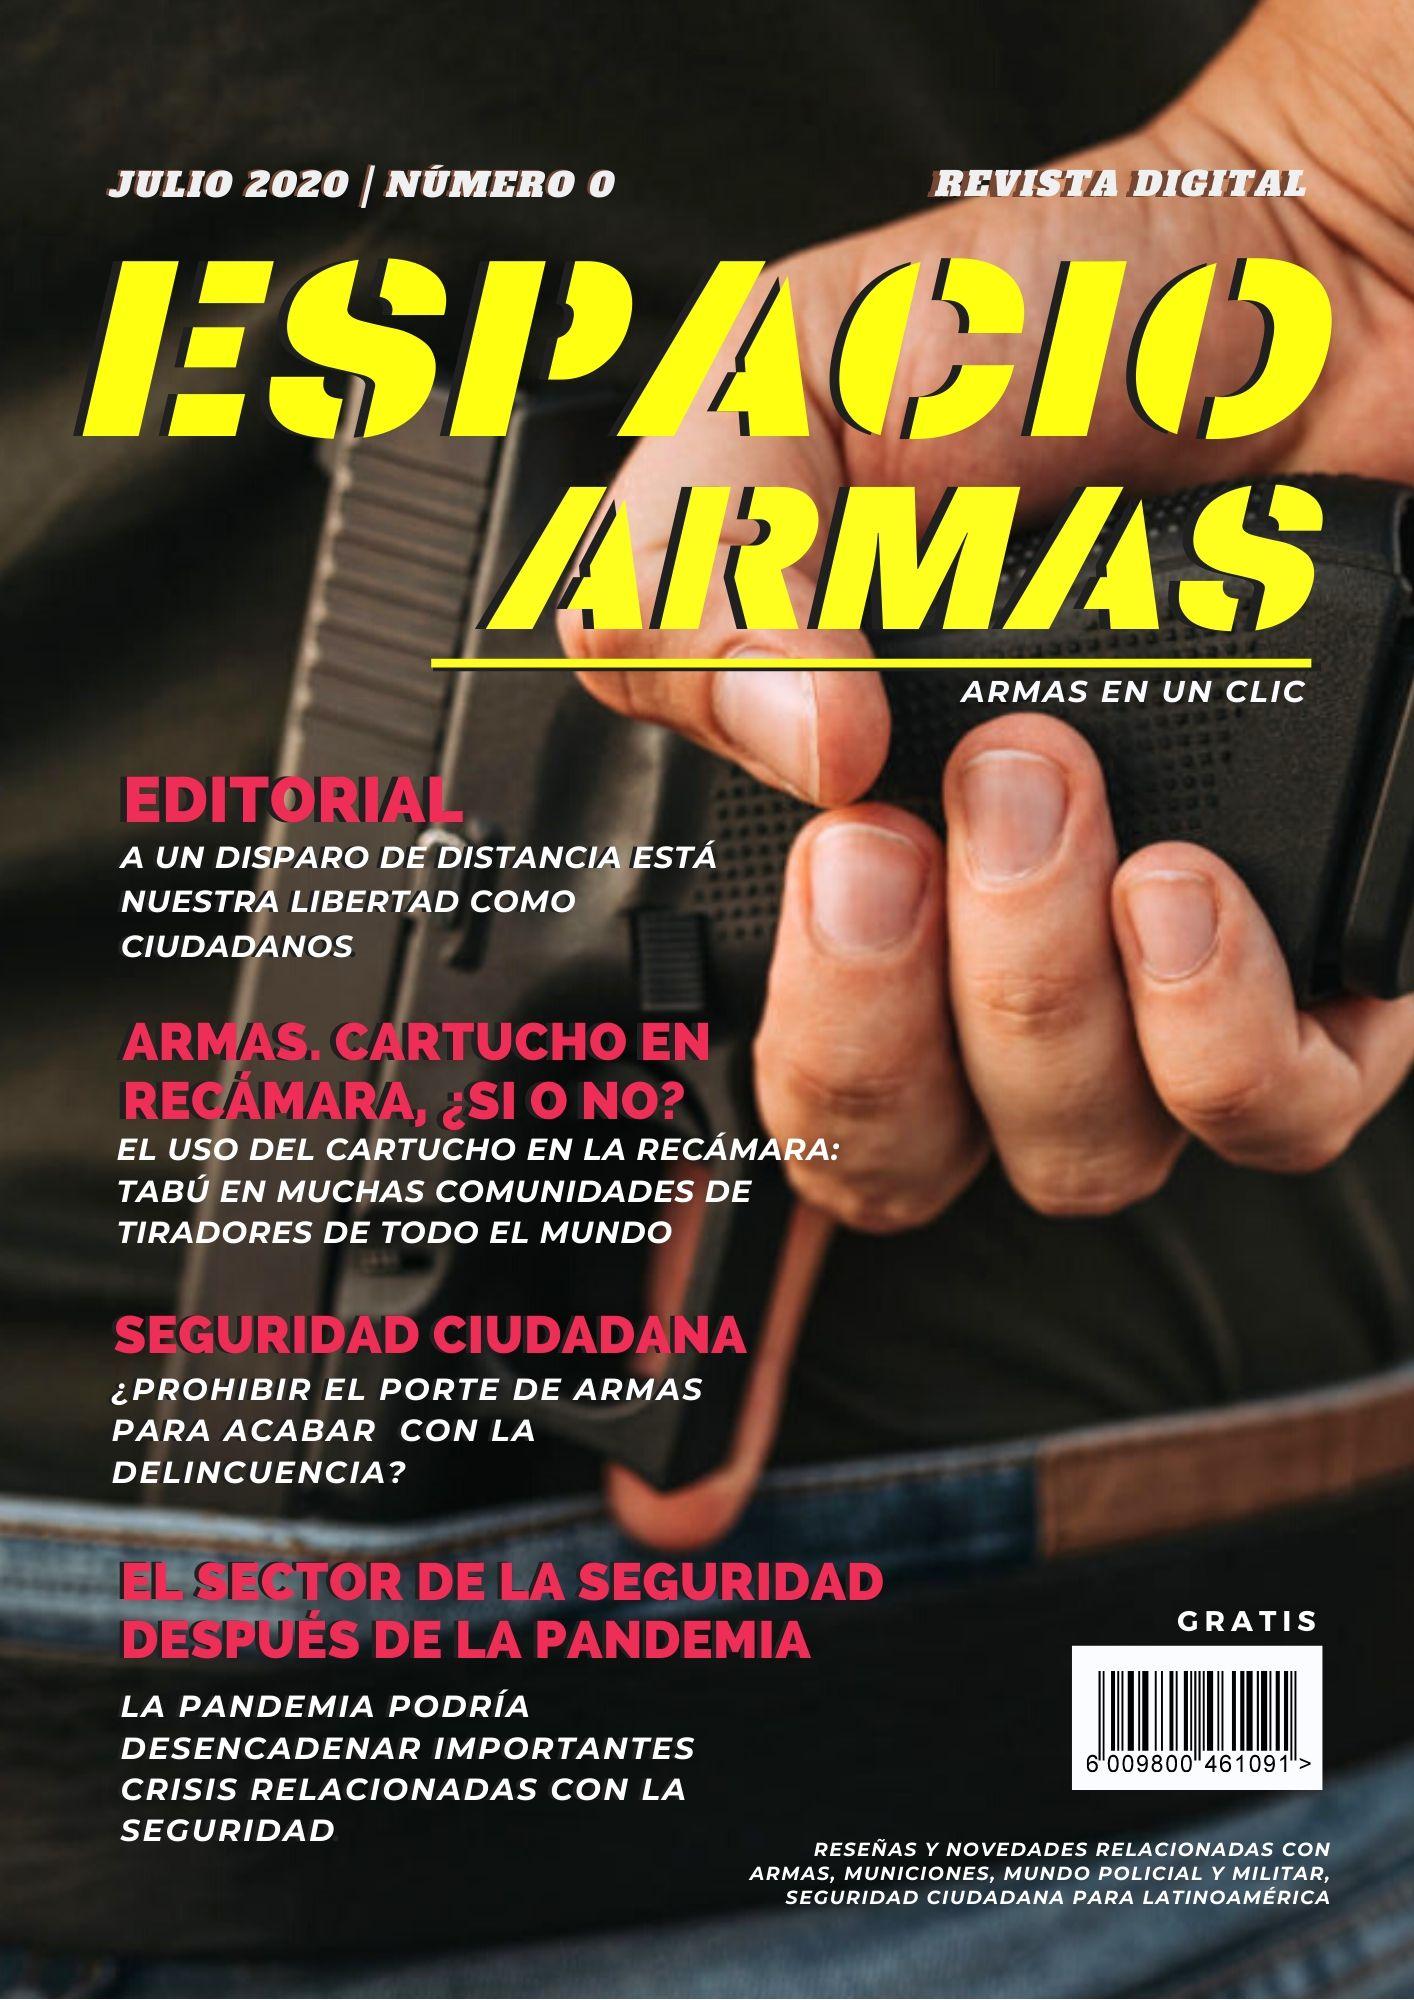 revista espacio armas. Armas en un clic, mes julio 2020